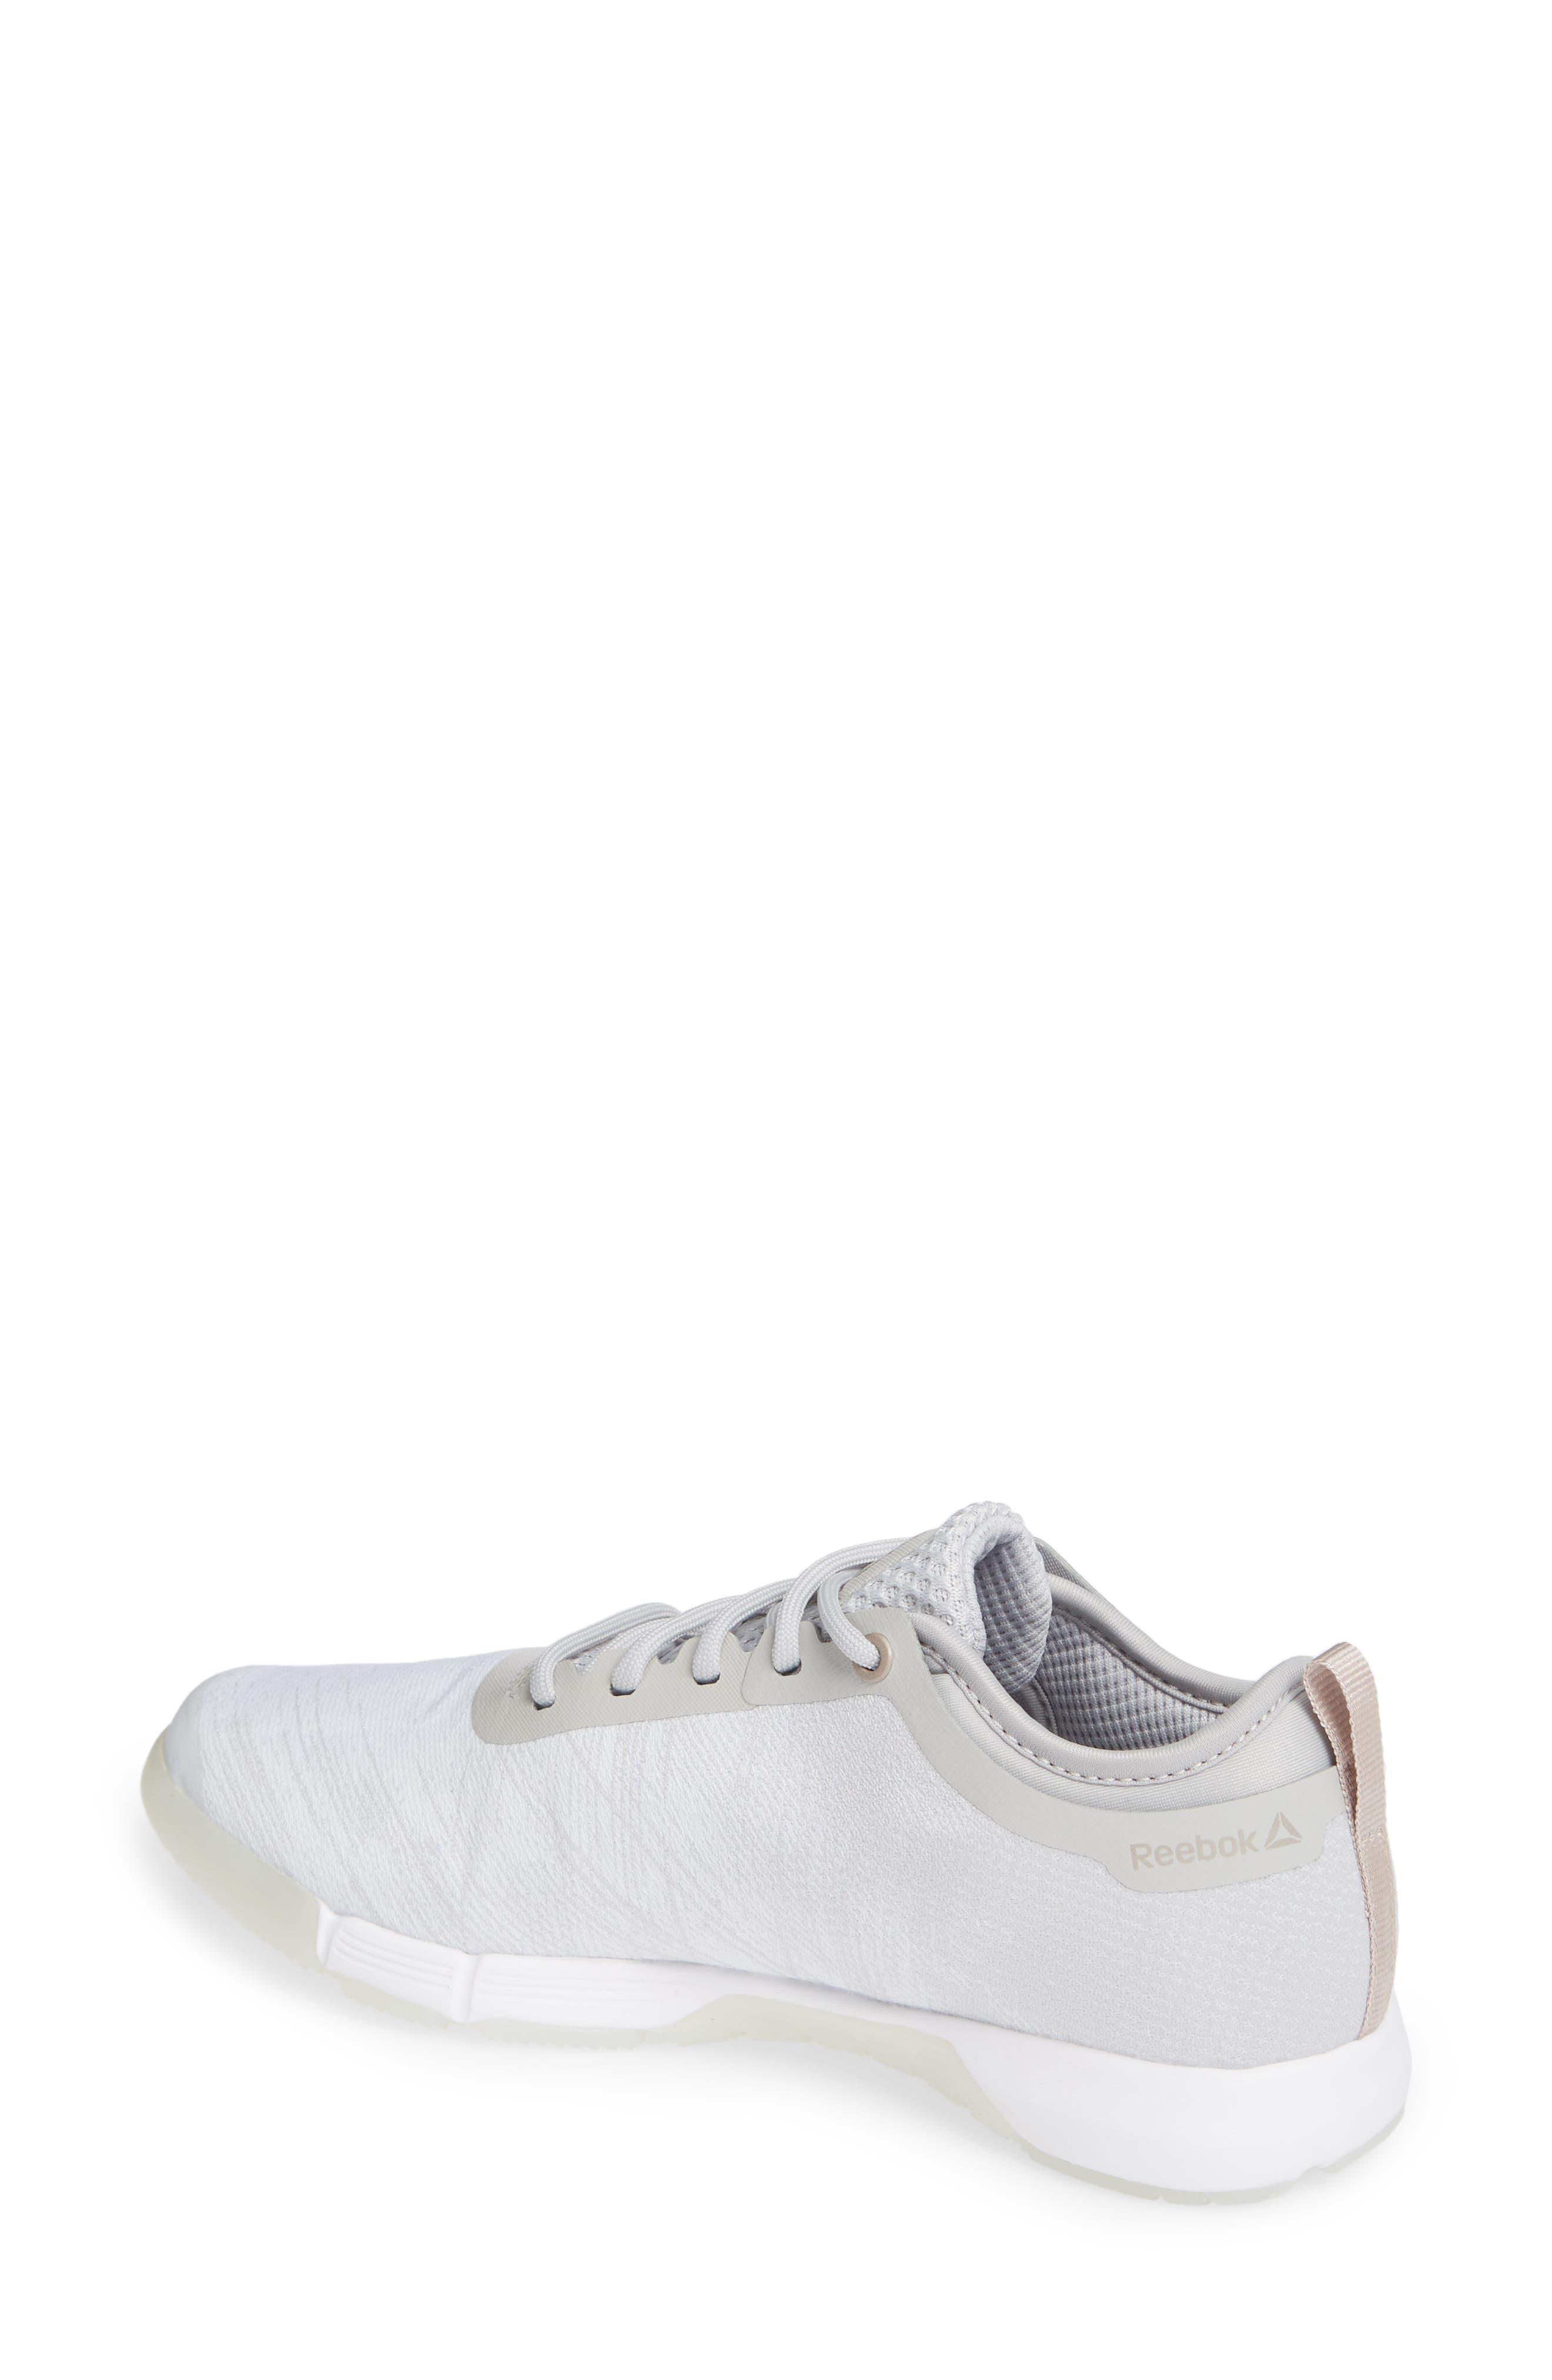 Speed Her TR Training Shoe,                             Alternate thumbnail 2, color,                             WHITE/ SPIRIT WHITE/ MOONDUST